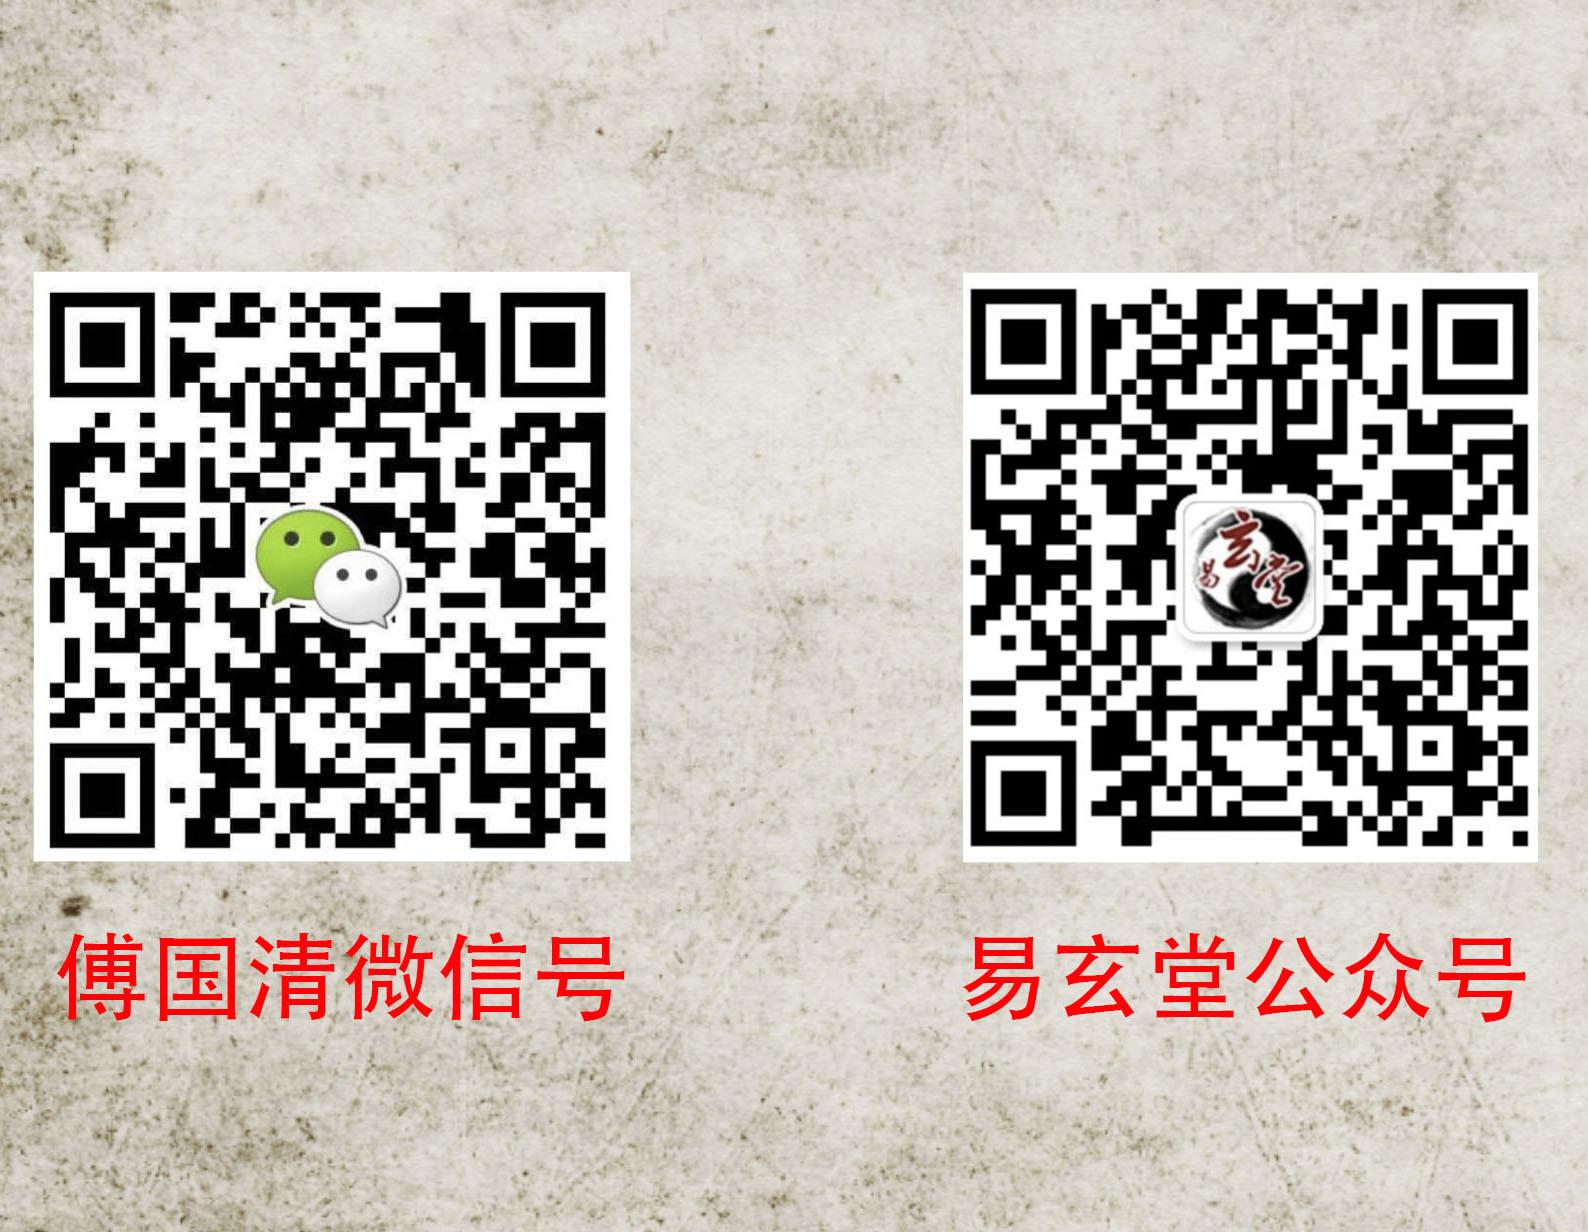 葫芦,风水培训,傅国清风水学习视频,中国有名的风水师,寻龙点穴